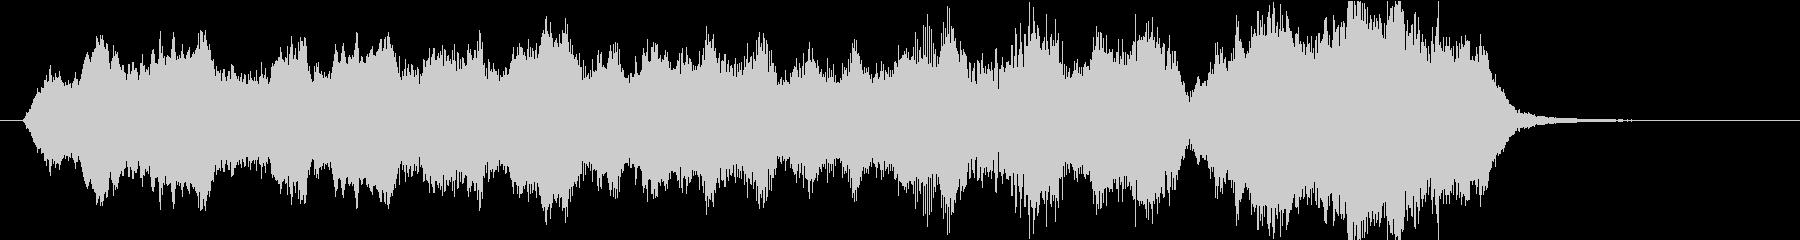 15秒CMサイズの18 心癒す弦楽四重奏の未再生の波形